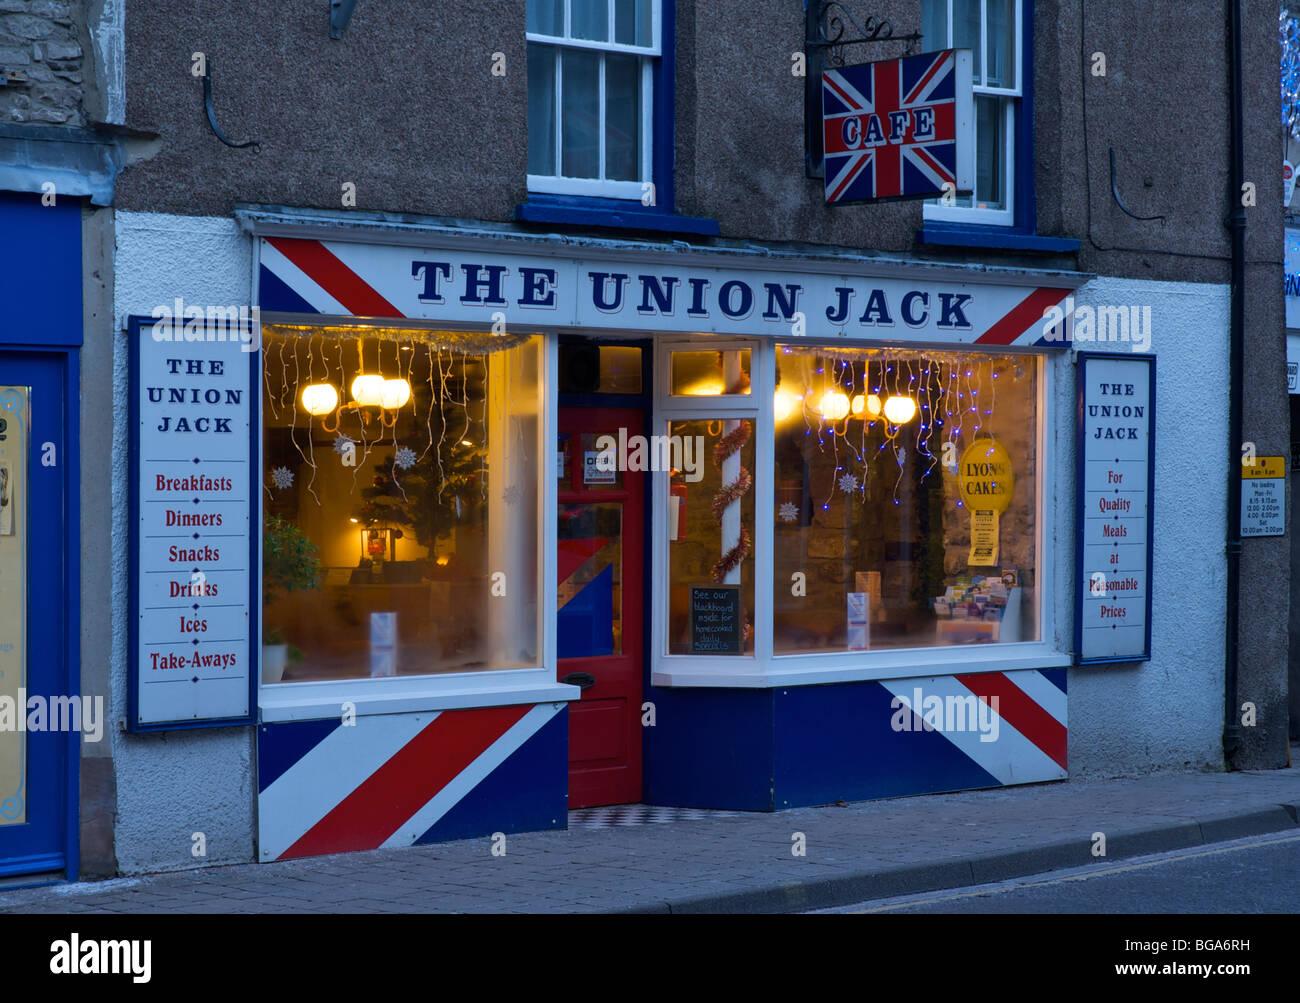 The Union Jack Cafe, Highgate, Kendal, Cumbria, England UK - Stock Image